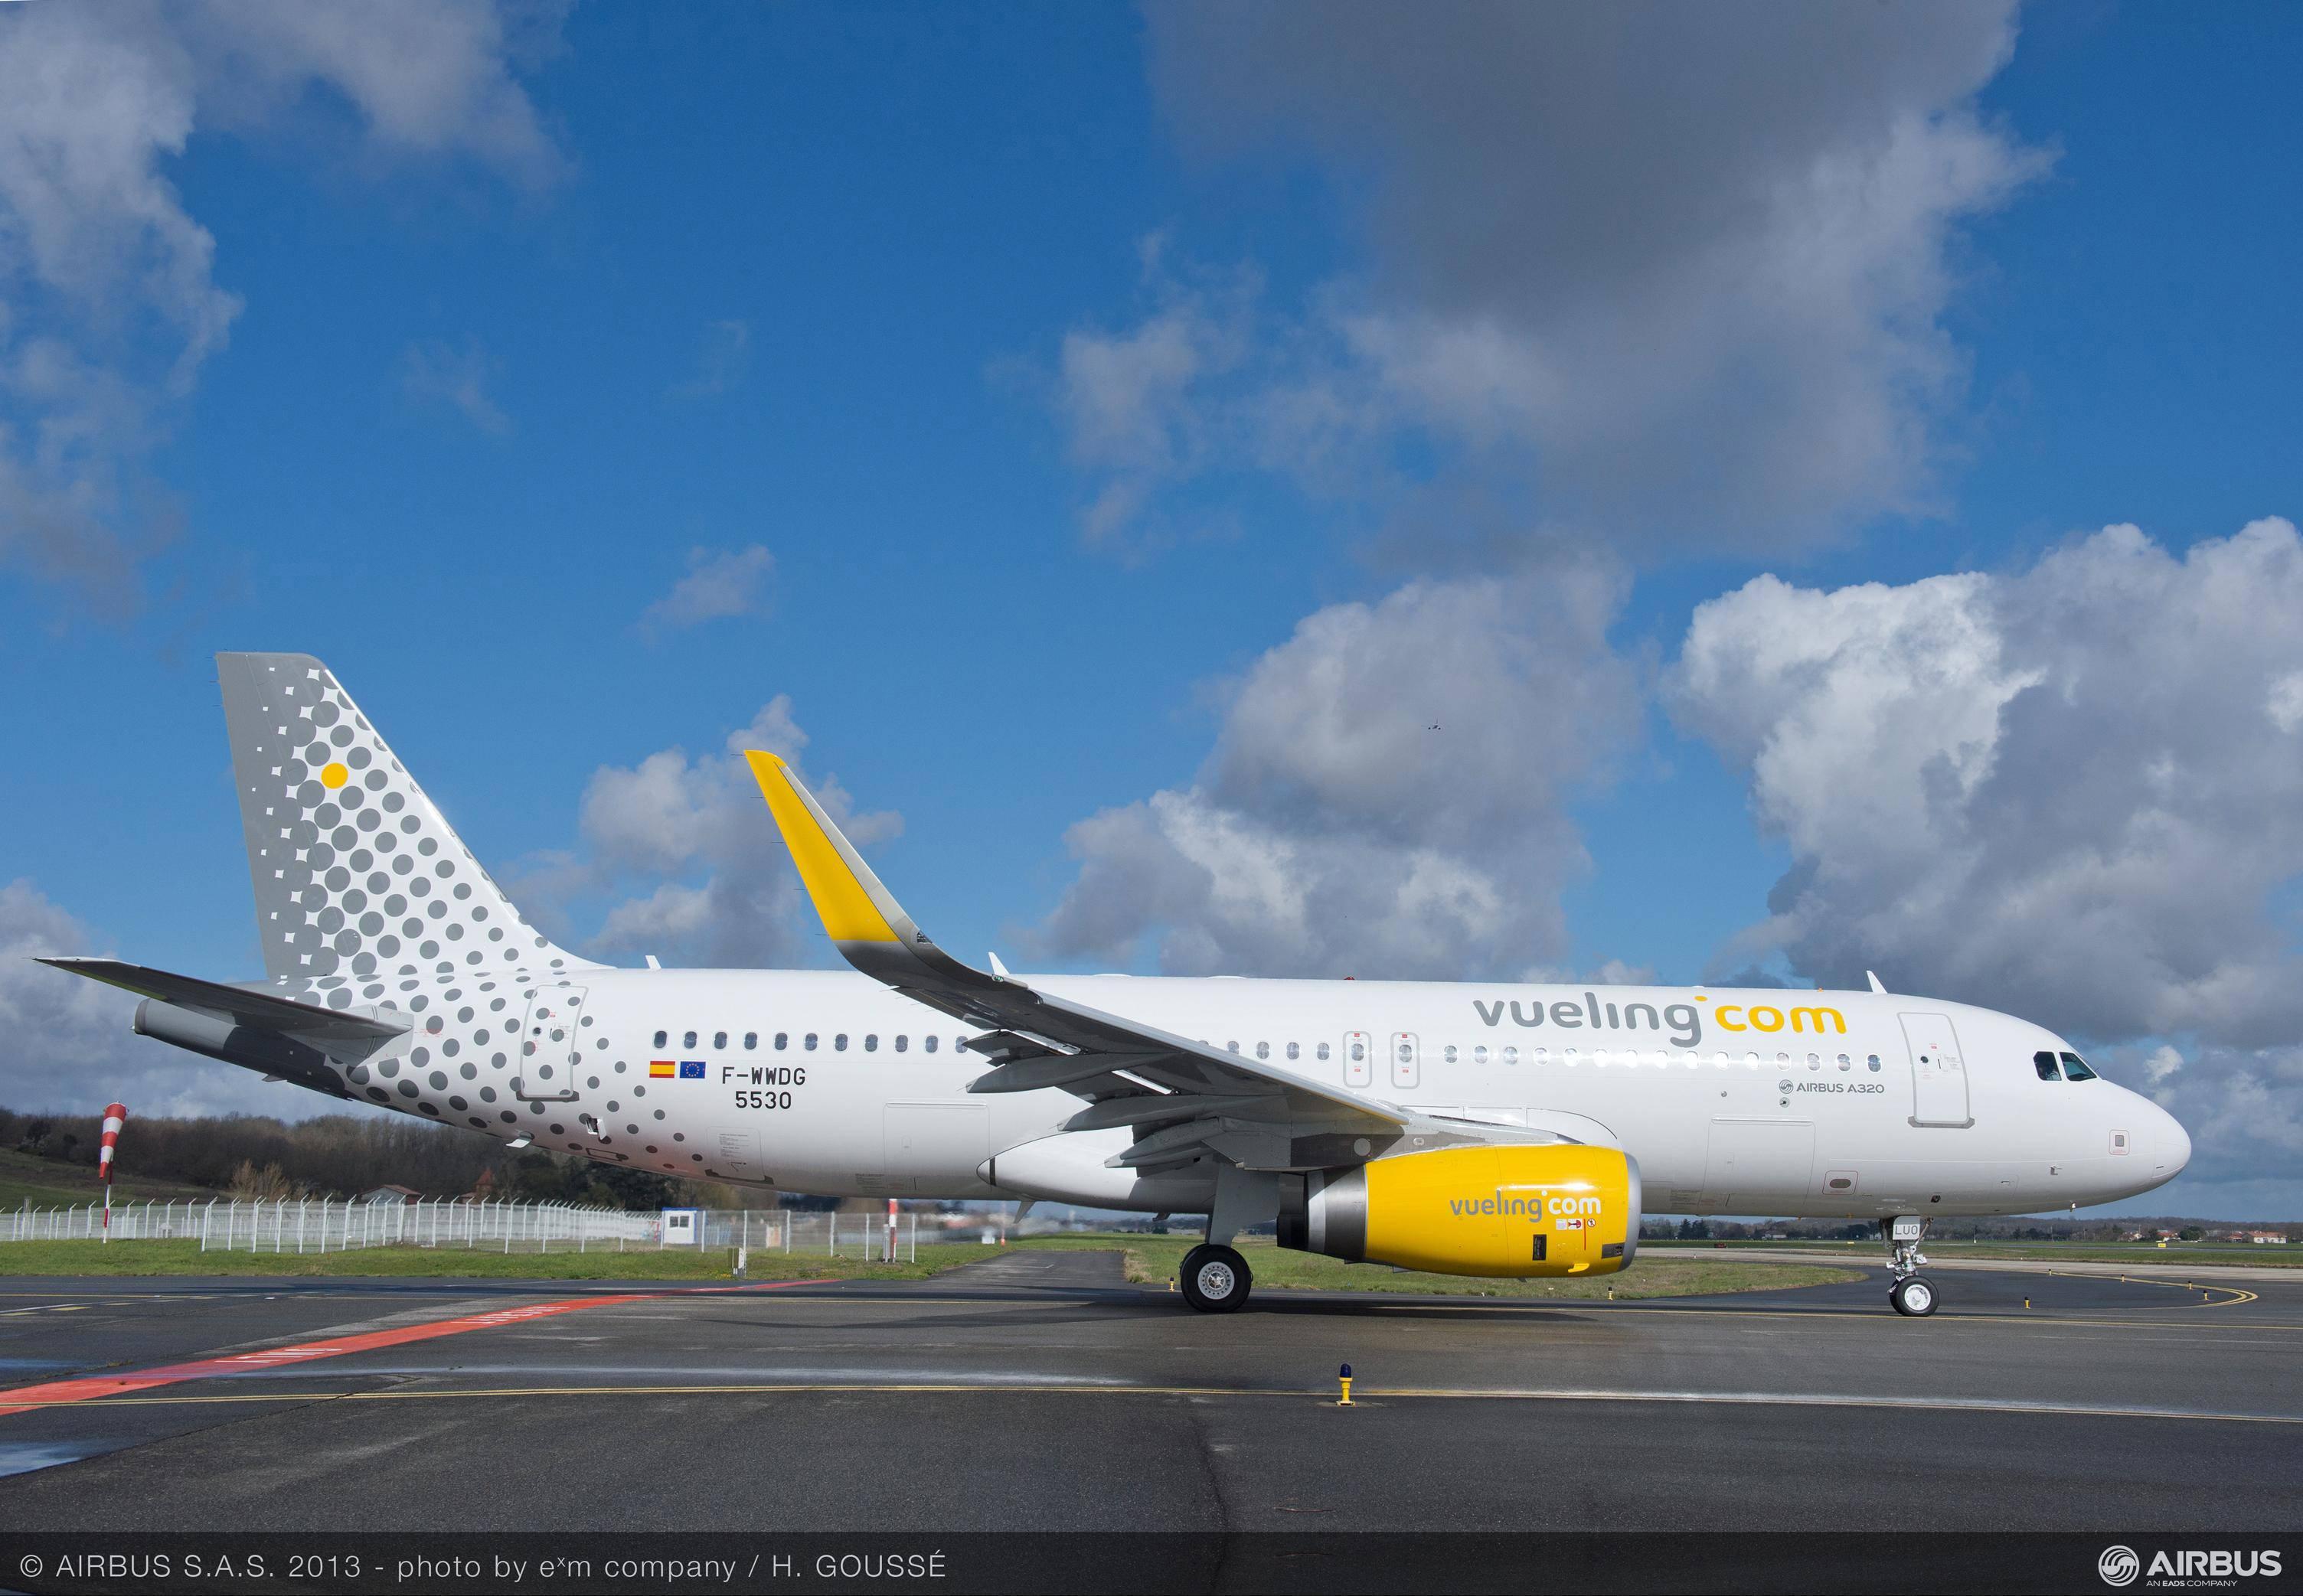 Авиабилеты париж — лиссабон (vueling airlines), дешевые билеты на самолет от 1532 рублей авиакомпанией vueling airlines